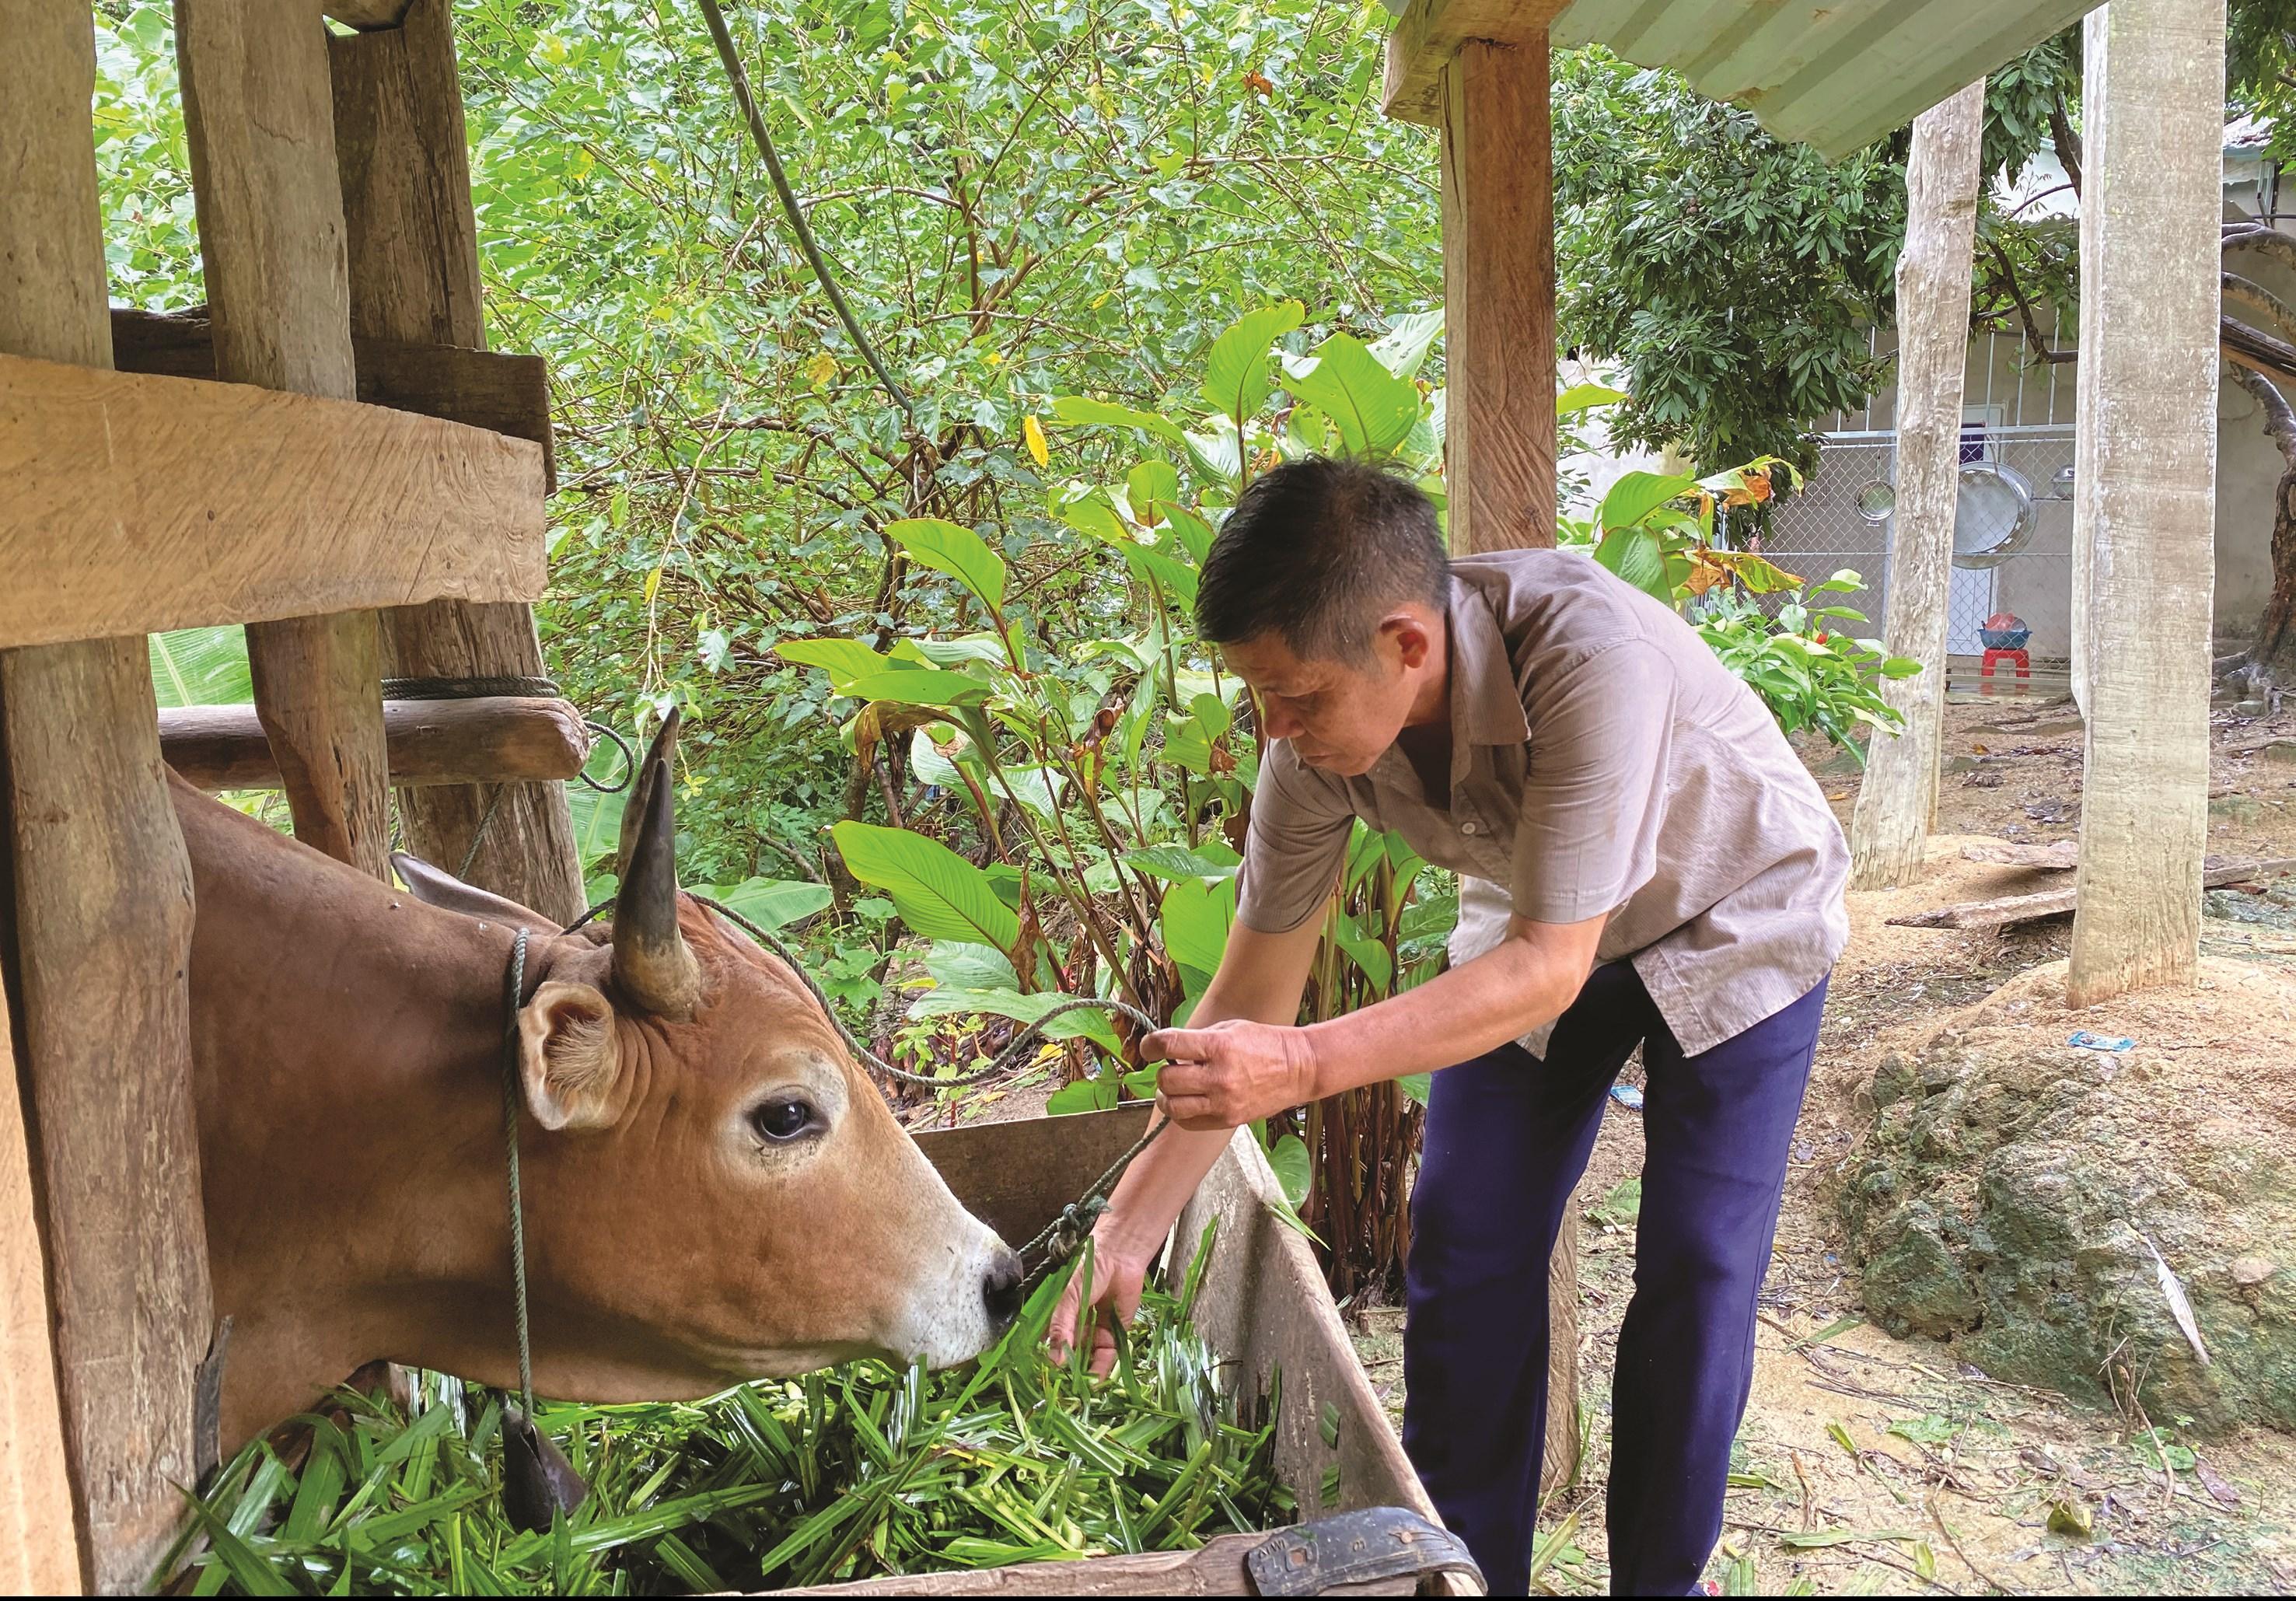 Trưởng bản Lưu Thông Vừ Giồng Nanh gương mẫu nuôi nhốt trâu bò